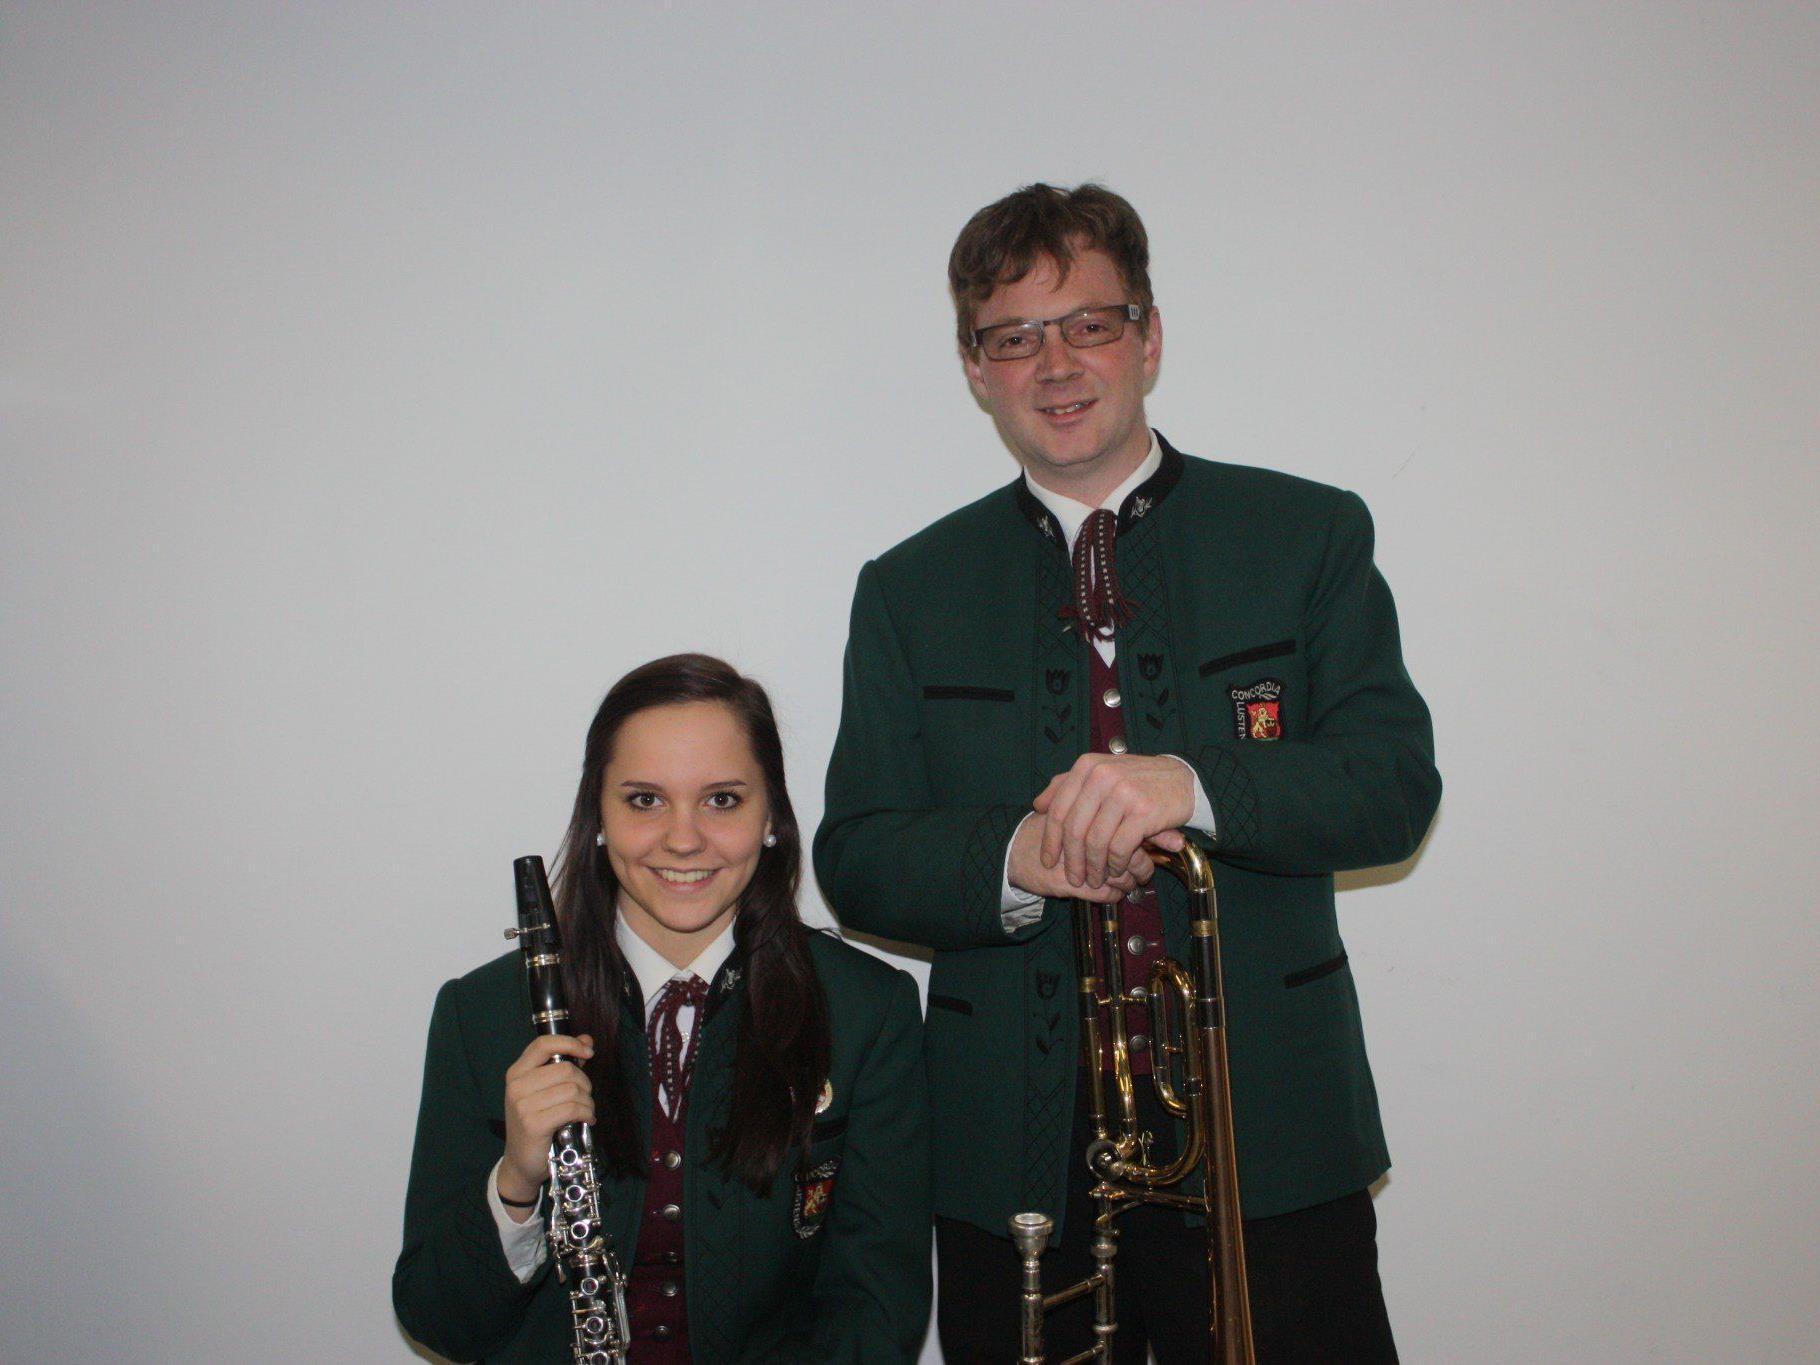 Christina Neururer und Manuel Vogt bereiten sich aufs Frühjahrskonzert des MV Concordia vor